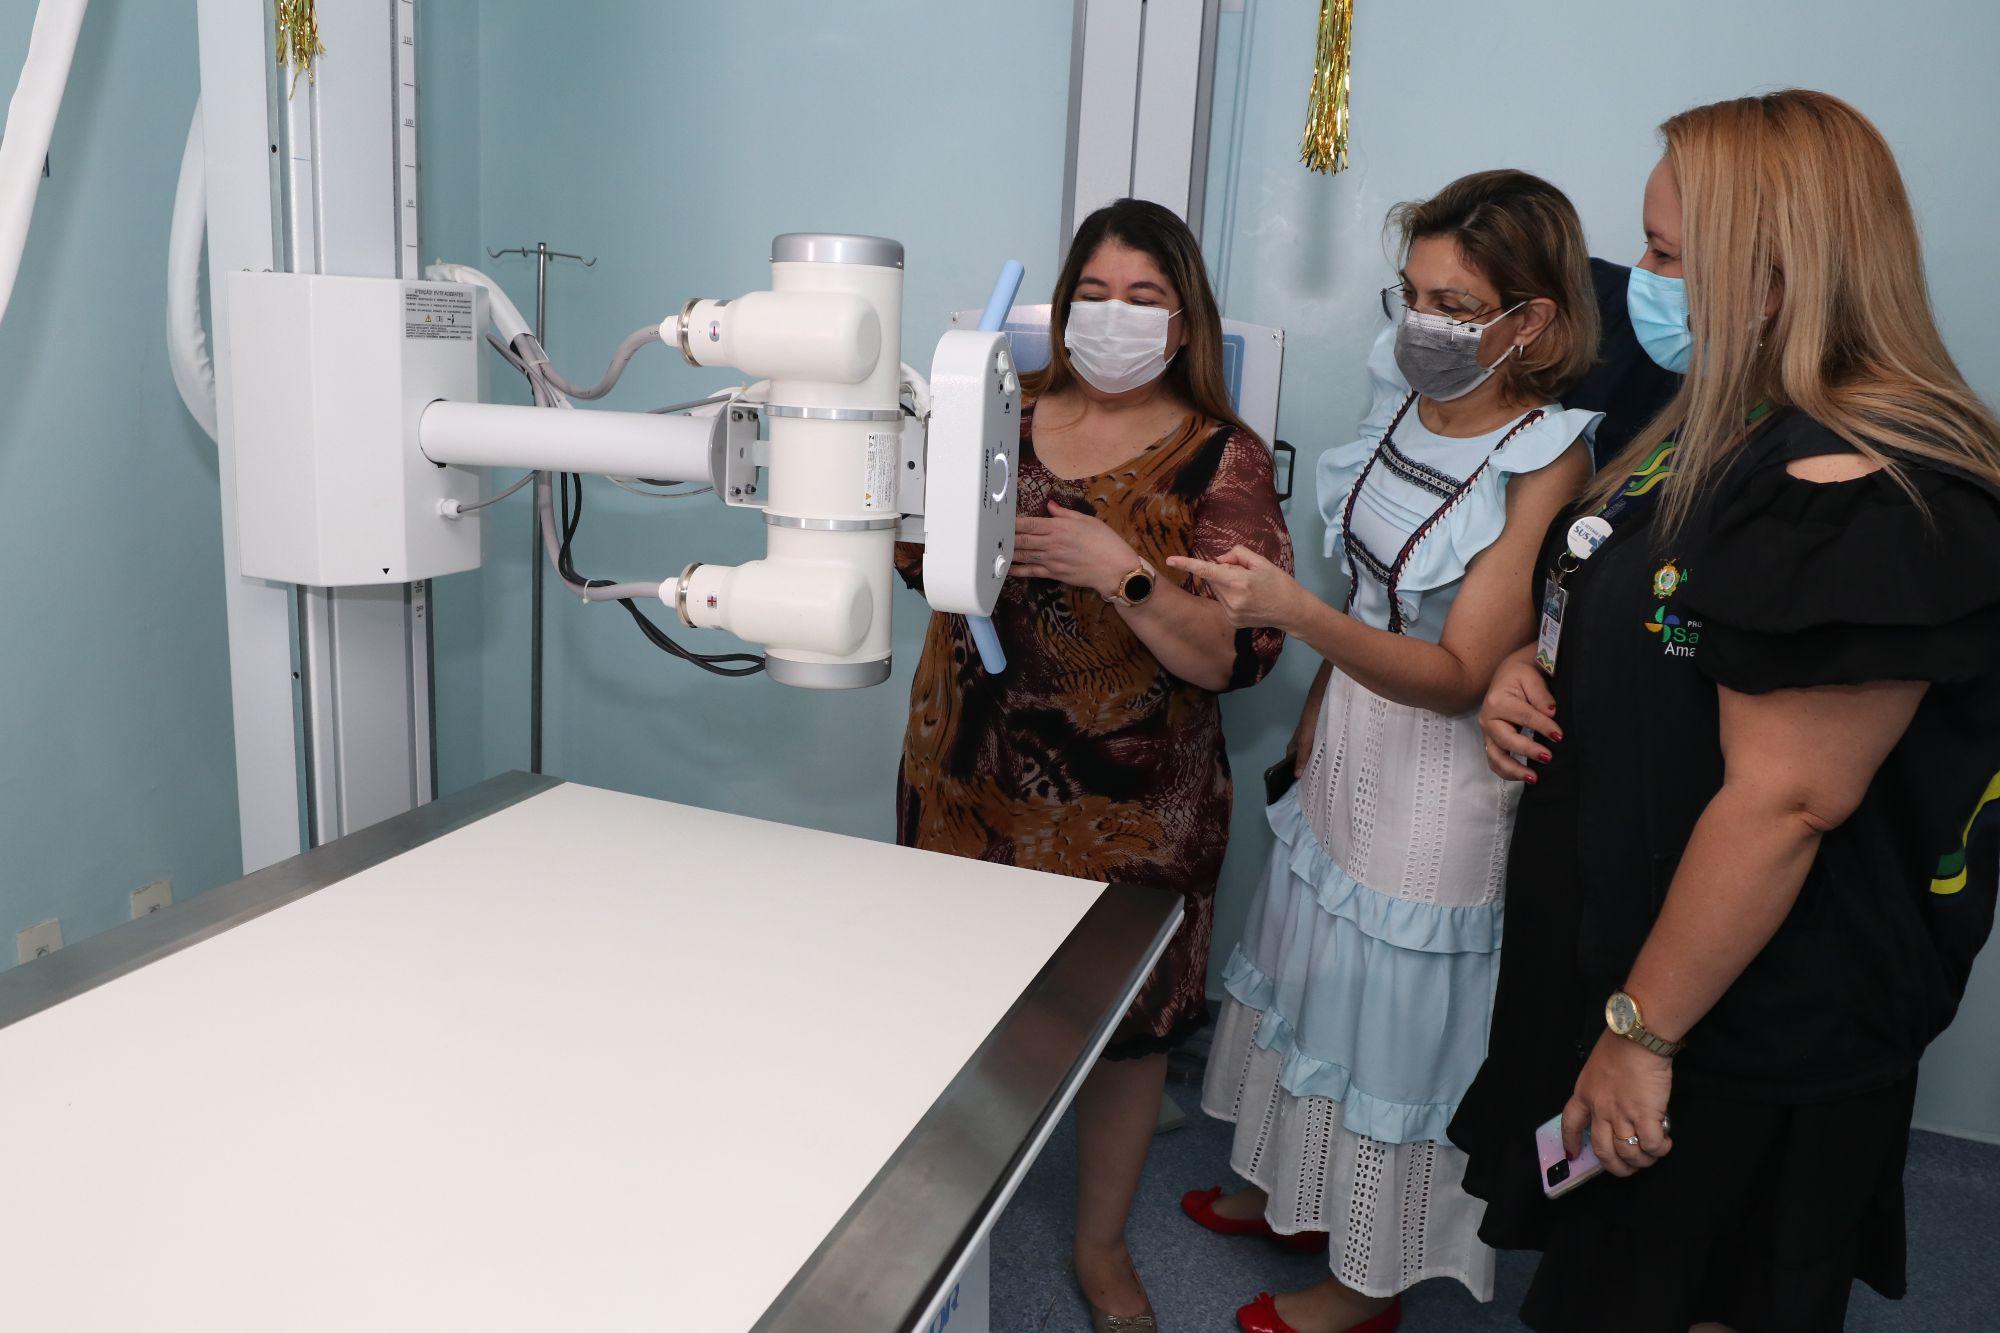 Governo do Amazonas instala miniusina e entrega aparelho de raio-X digital para otimização dos serviços no Icam